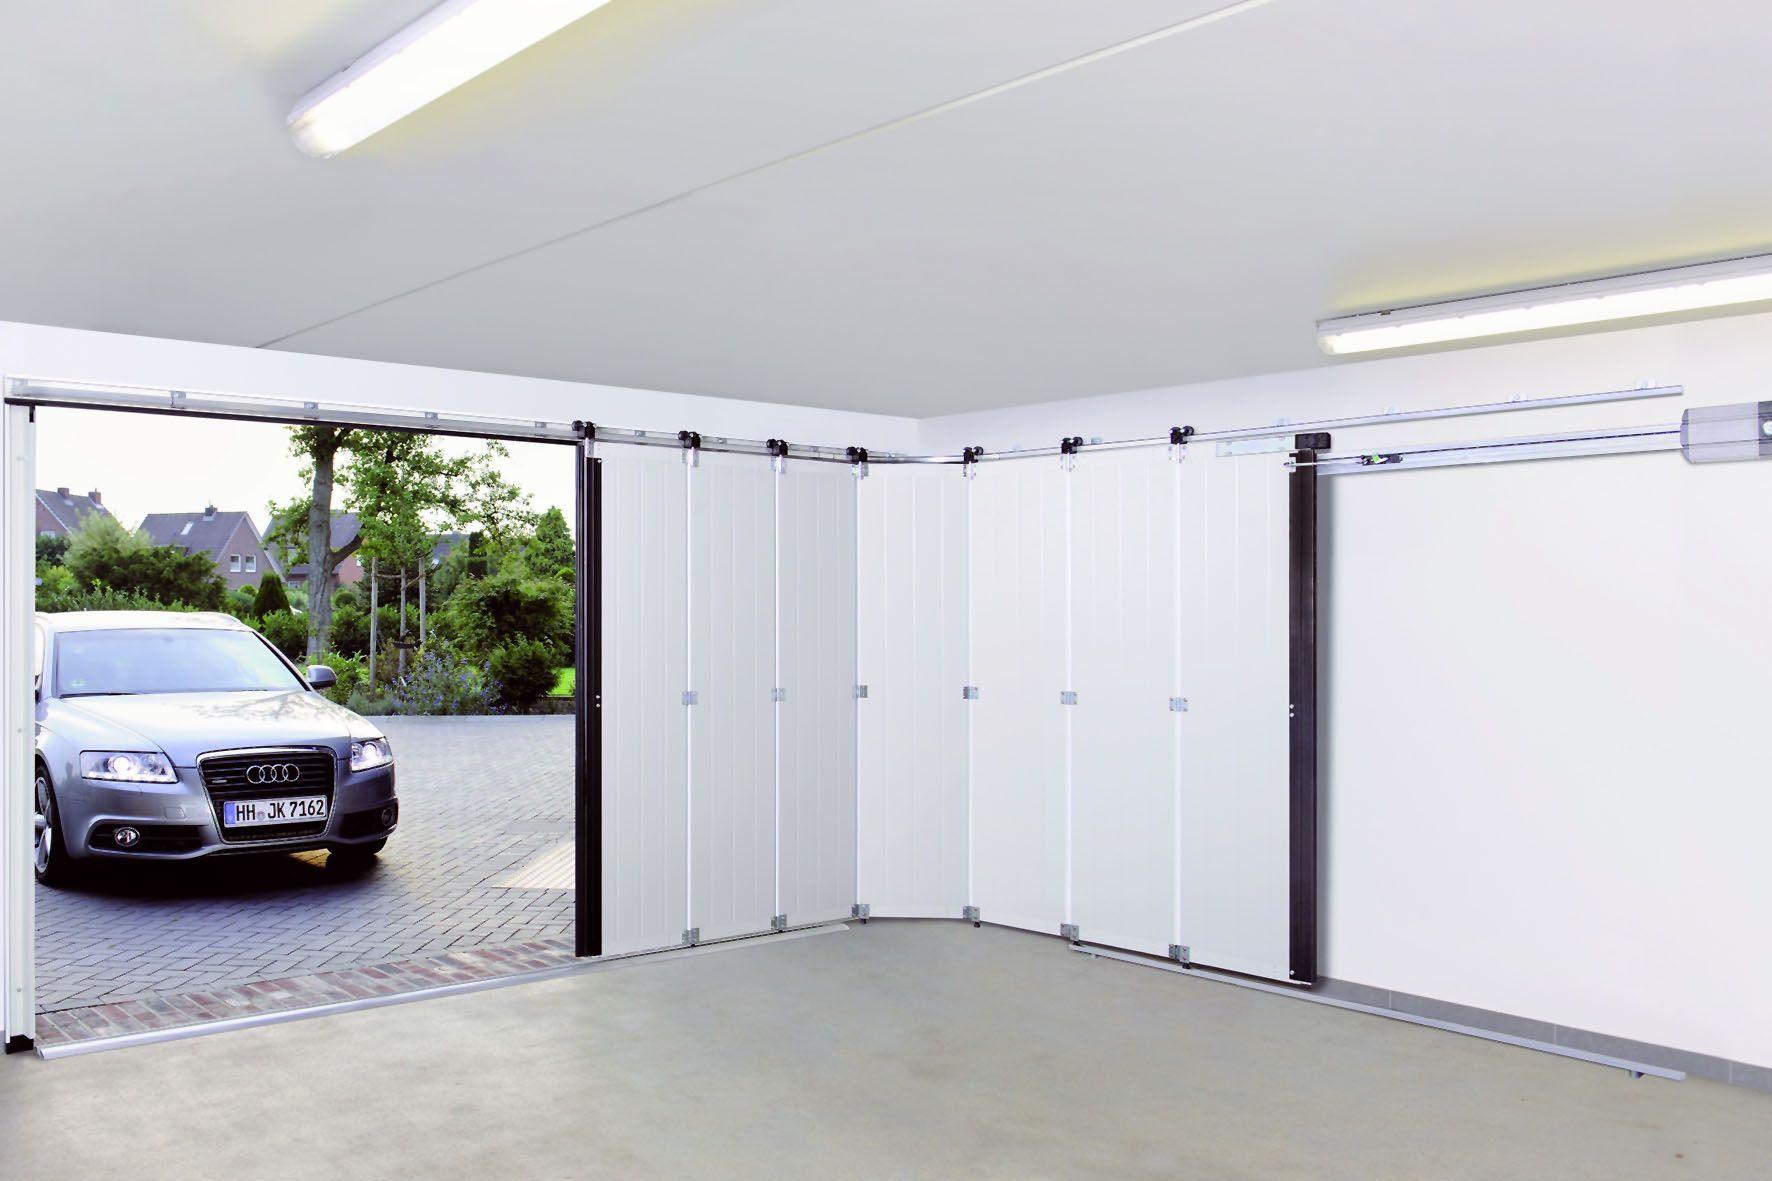 Parkingdoor: Abre la Puerta del Garaje desde el Móvil | Ideas ...